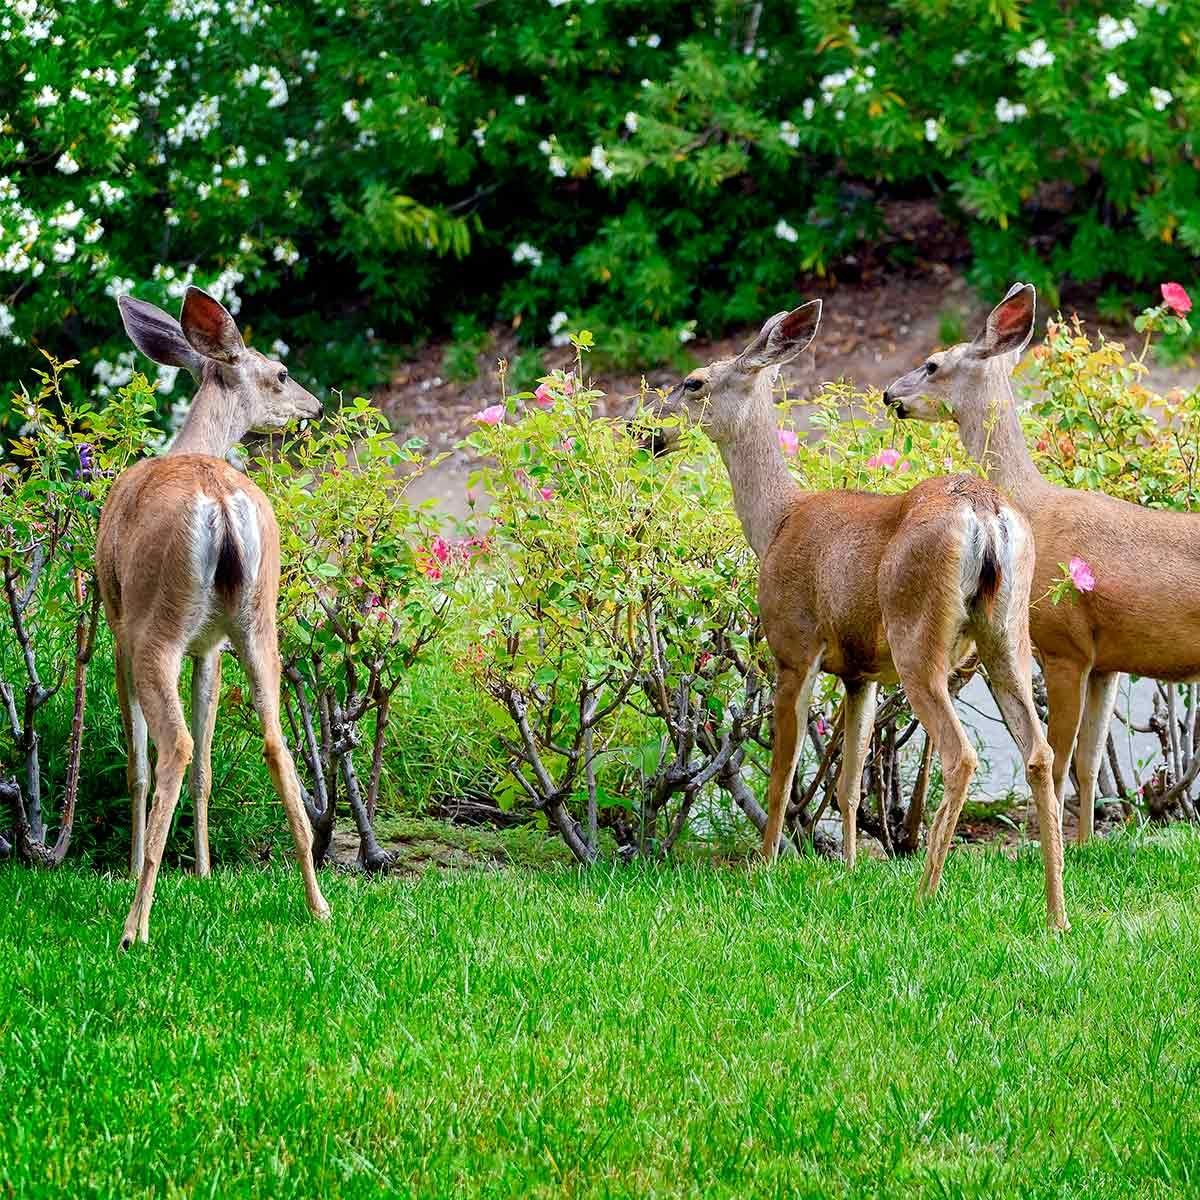 deer on lawn